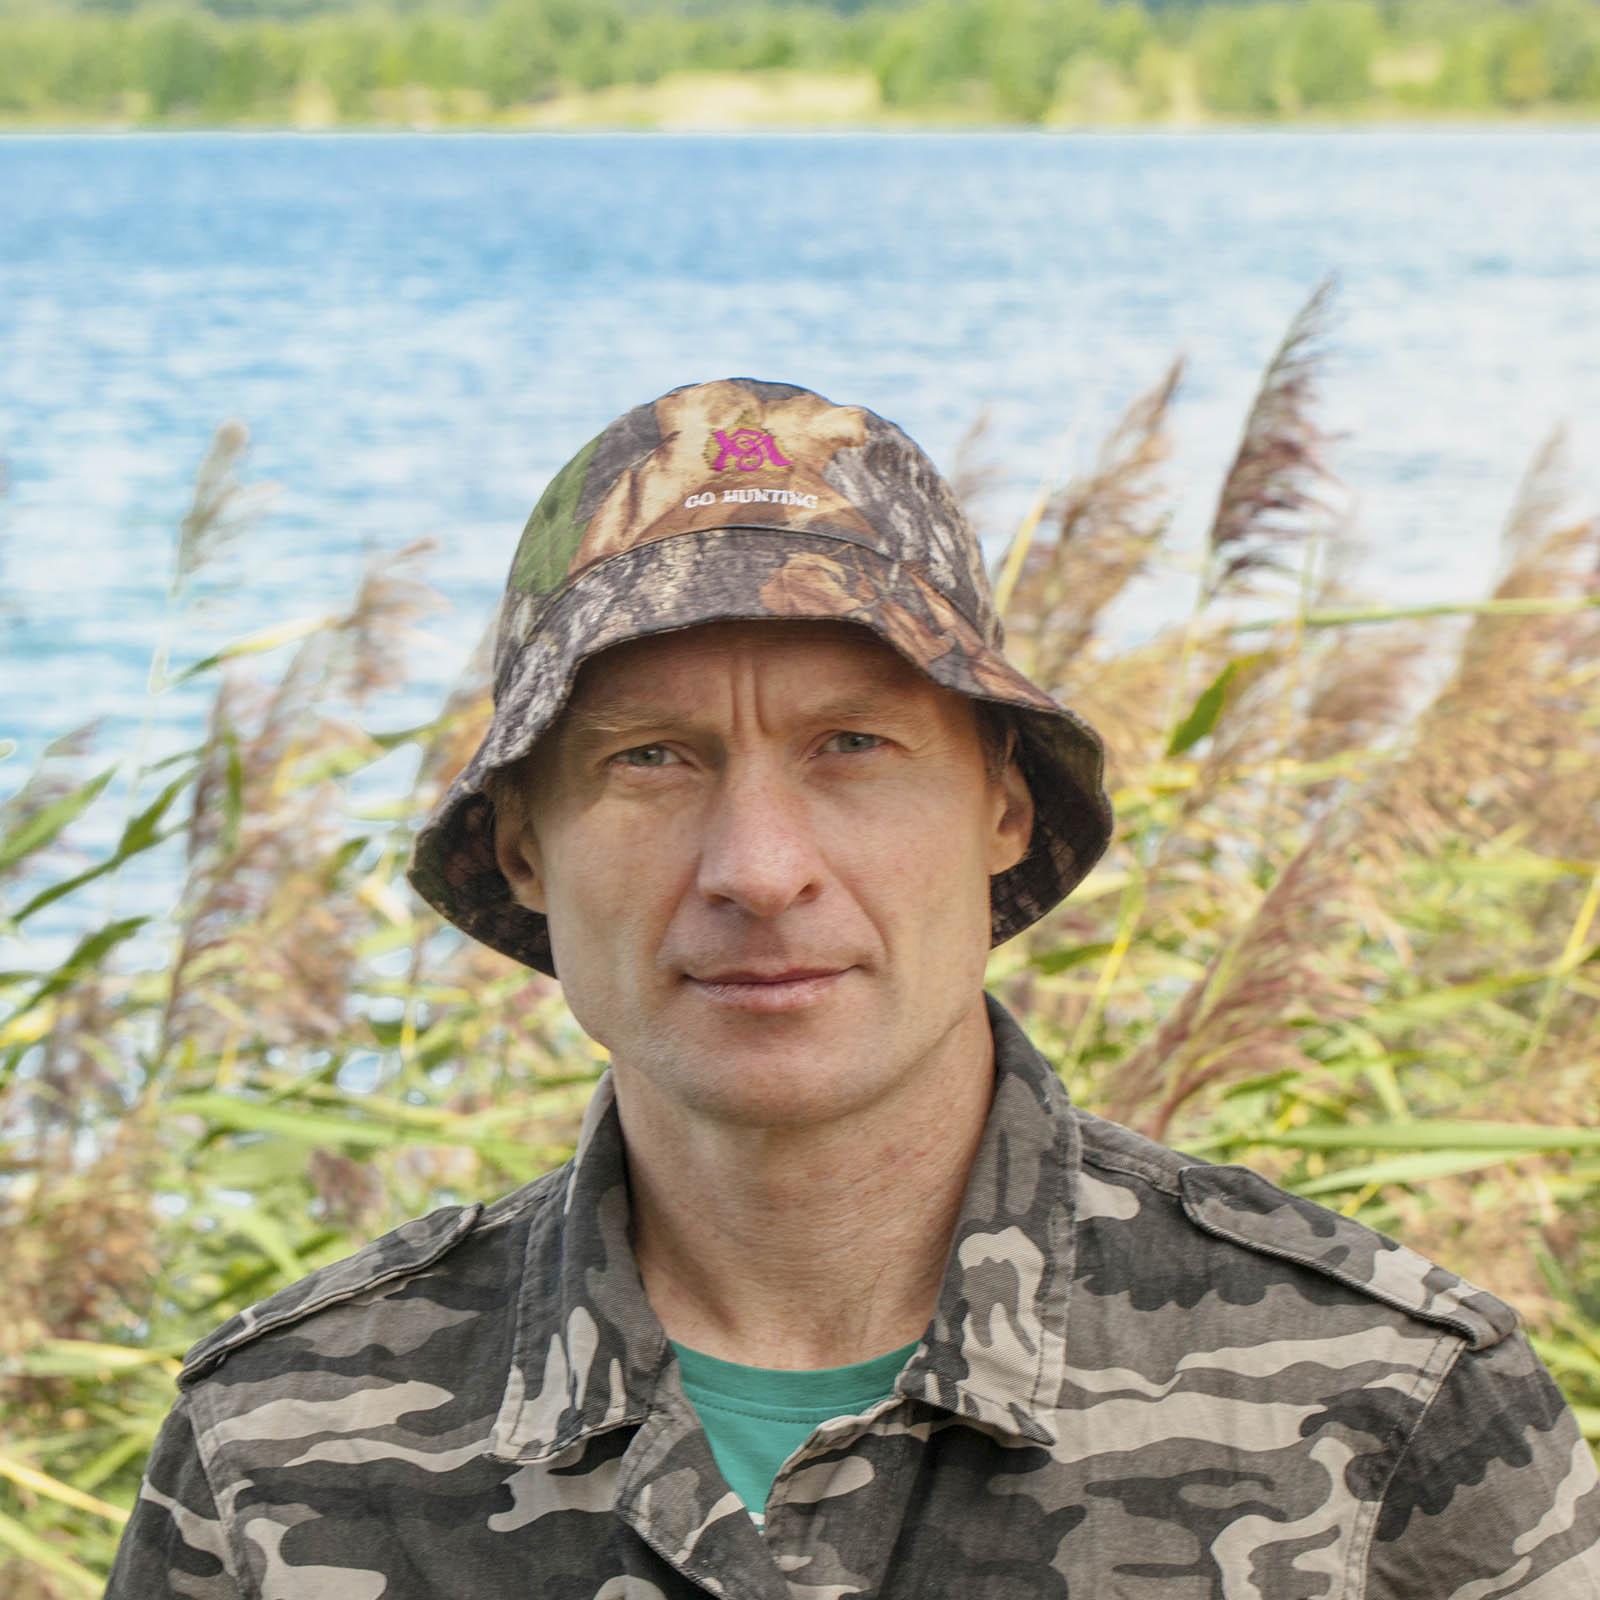 Купить в интернет магазине Военпро камуфляжную панаму охотника